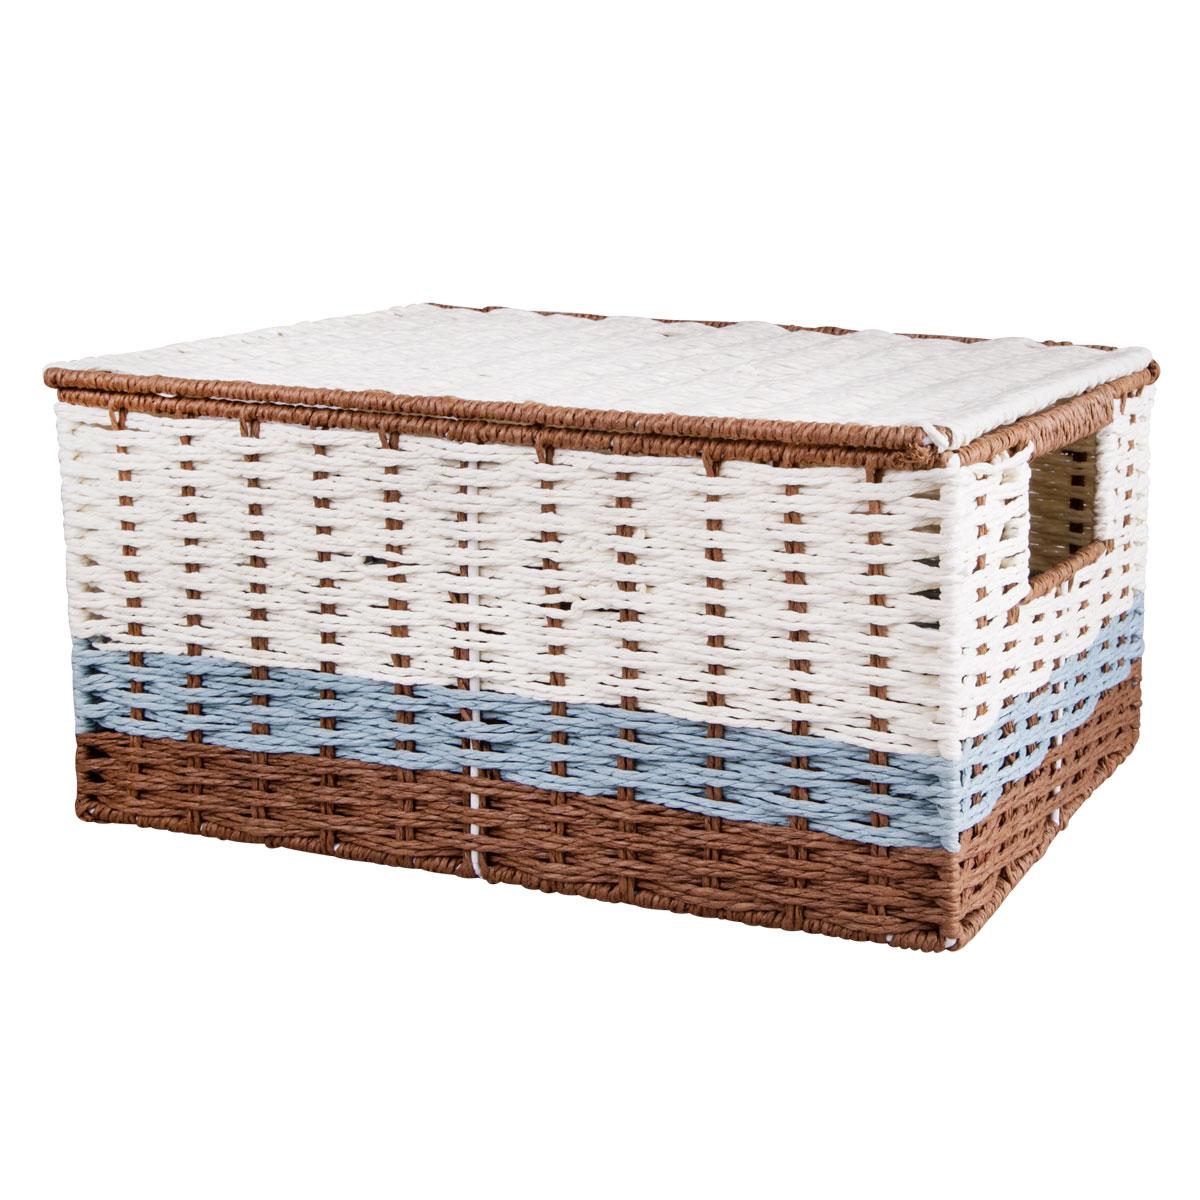 Корзина для хранения Miolla, с крышкой и ручками, 45 х 33 х 21 см . BSK5-LBSK5-LЛучшее решение для хранения вещей - корзина для хранения Miolla. Экономьте полезное пространство своего дома, уберите ненужные вещи в удобную корзину и используйте ее для хранения дорогих сердцу вещей, которые нужно сберечь в целости и сохранности.